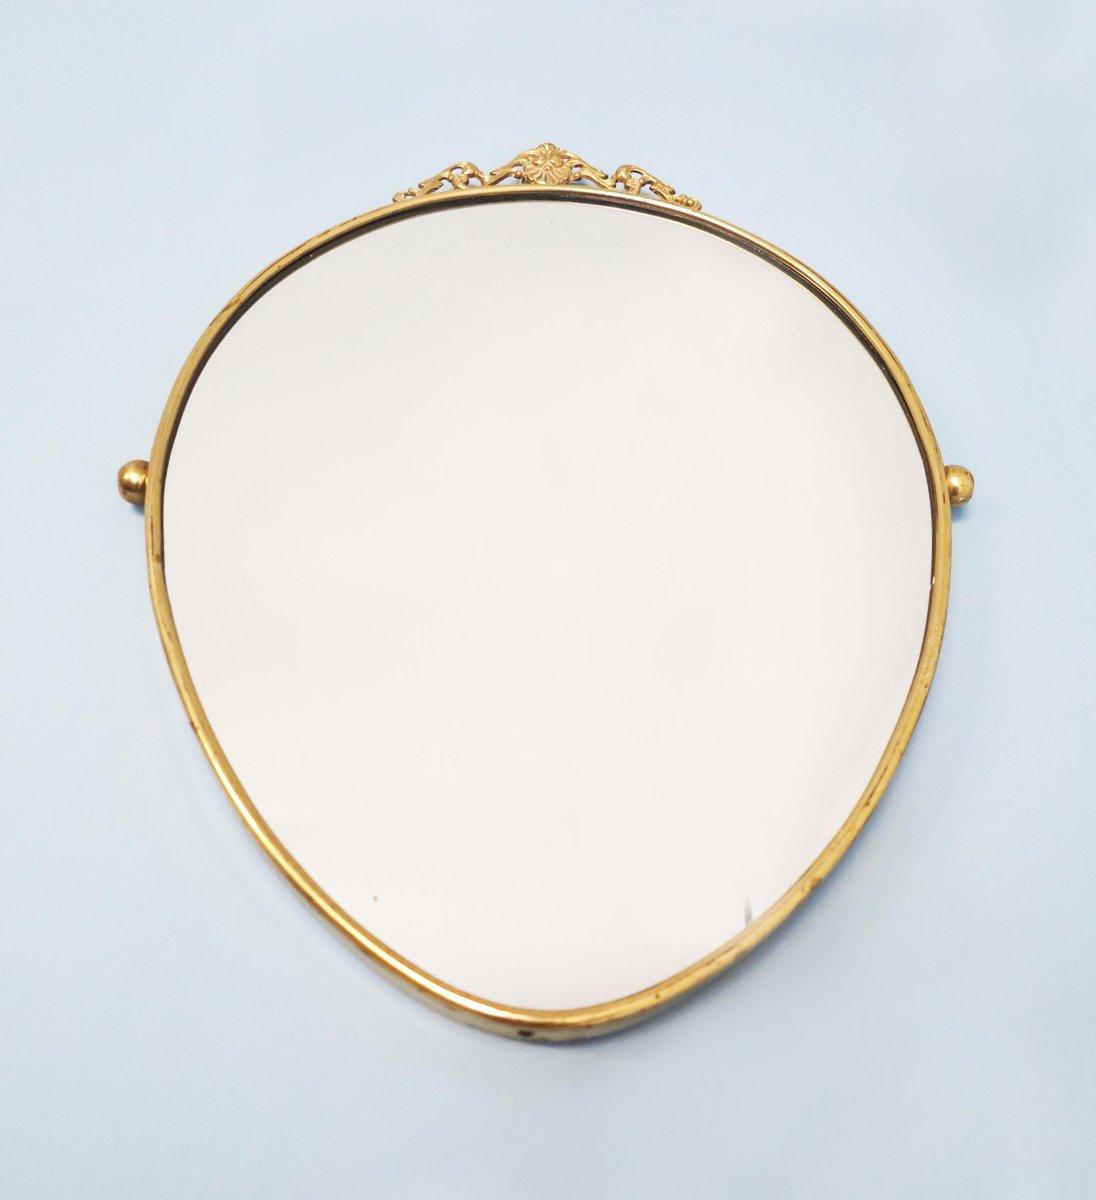 italienischer mid century spiegel mit rahmen aus messing. Black Bedroom Furniture Sets. Home Design Ideas